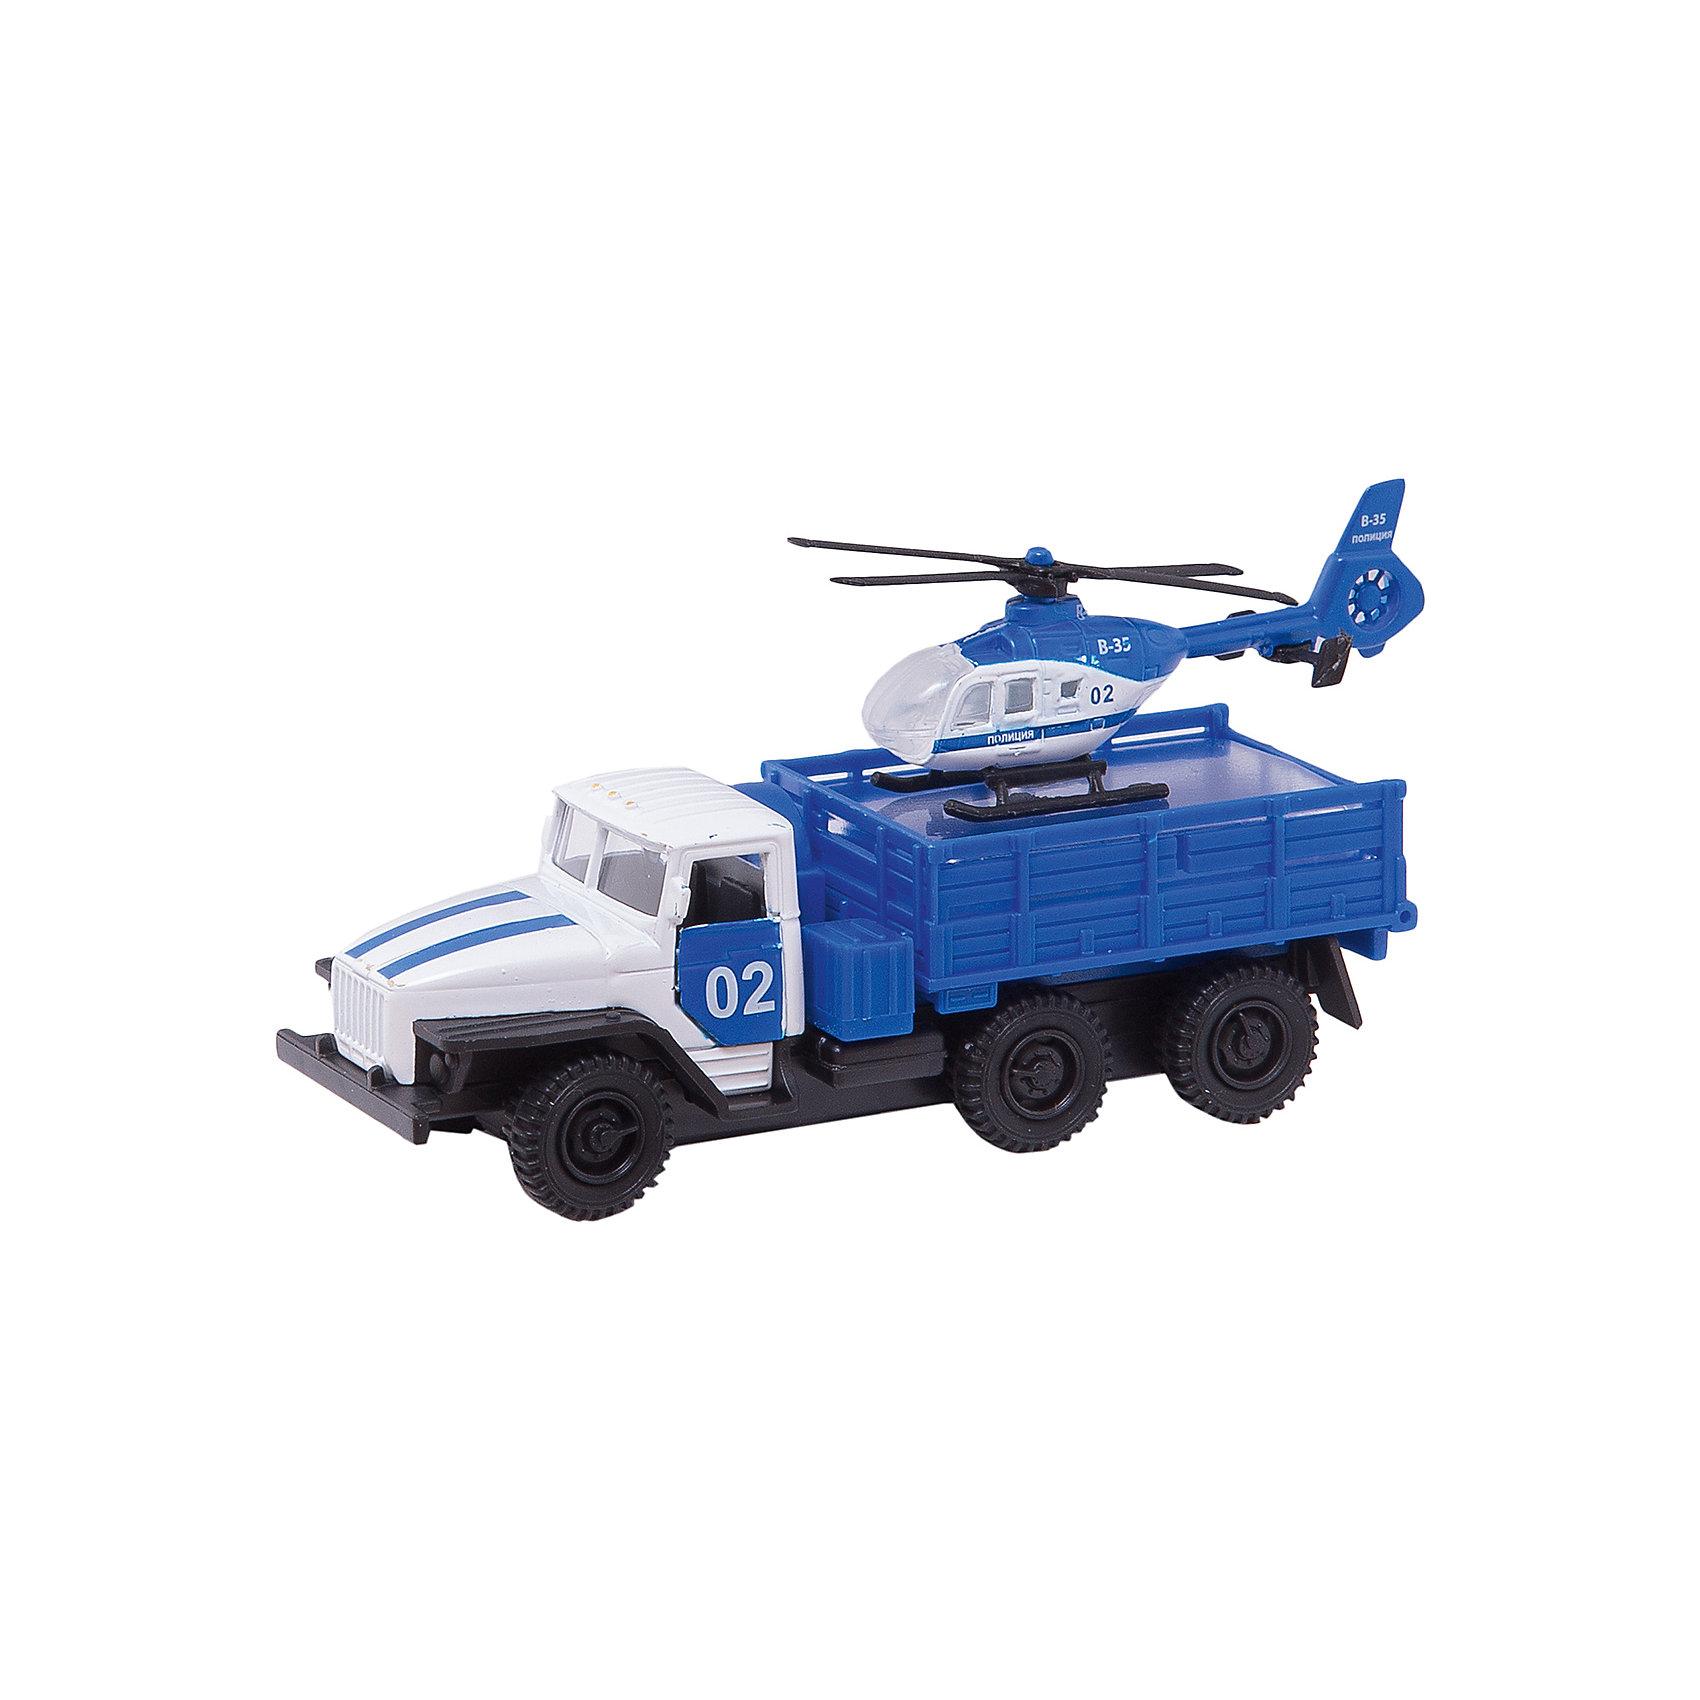 Машина Урал с вертолетом, ТехнопаркКоллекционные модели<br>Характеристика:<br><br>- Возраст: от 3 лет.<br>- В комплекте: машина, вертолет. <br>- Материал: металл, пластик.<br>- Размер упаковки: 17х15х6 см.<br><br>Прекрасный подарочный набор для мальчика!<br>Игрушка выглядит очень реалистично, а еще, у автомобиля открываются капот и двери кабины, причем под капотом можно увидеть детали двигателя.<br><br>Машина Урал с вертолетом, можно купить в нашем магазине.<br><br>Ширина мм: 50<br>Глубина мм: 150<br>Высота мм: 170<br>Вес г: 170<br>Возраст от месяцев: 36<br>Возраст до месяцев: 72<br>Пол: Мужской<br>Возраст: Детский<br>SKU: 5099092